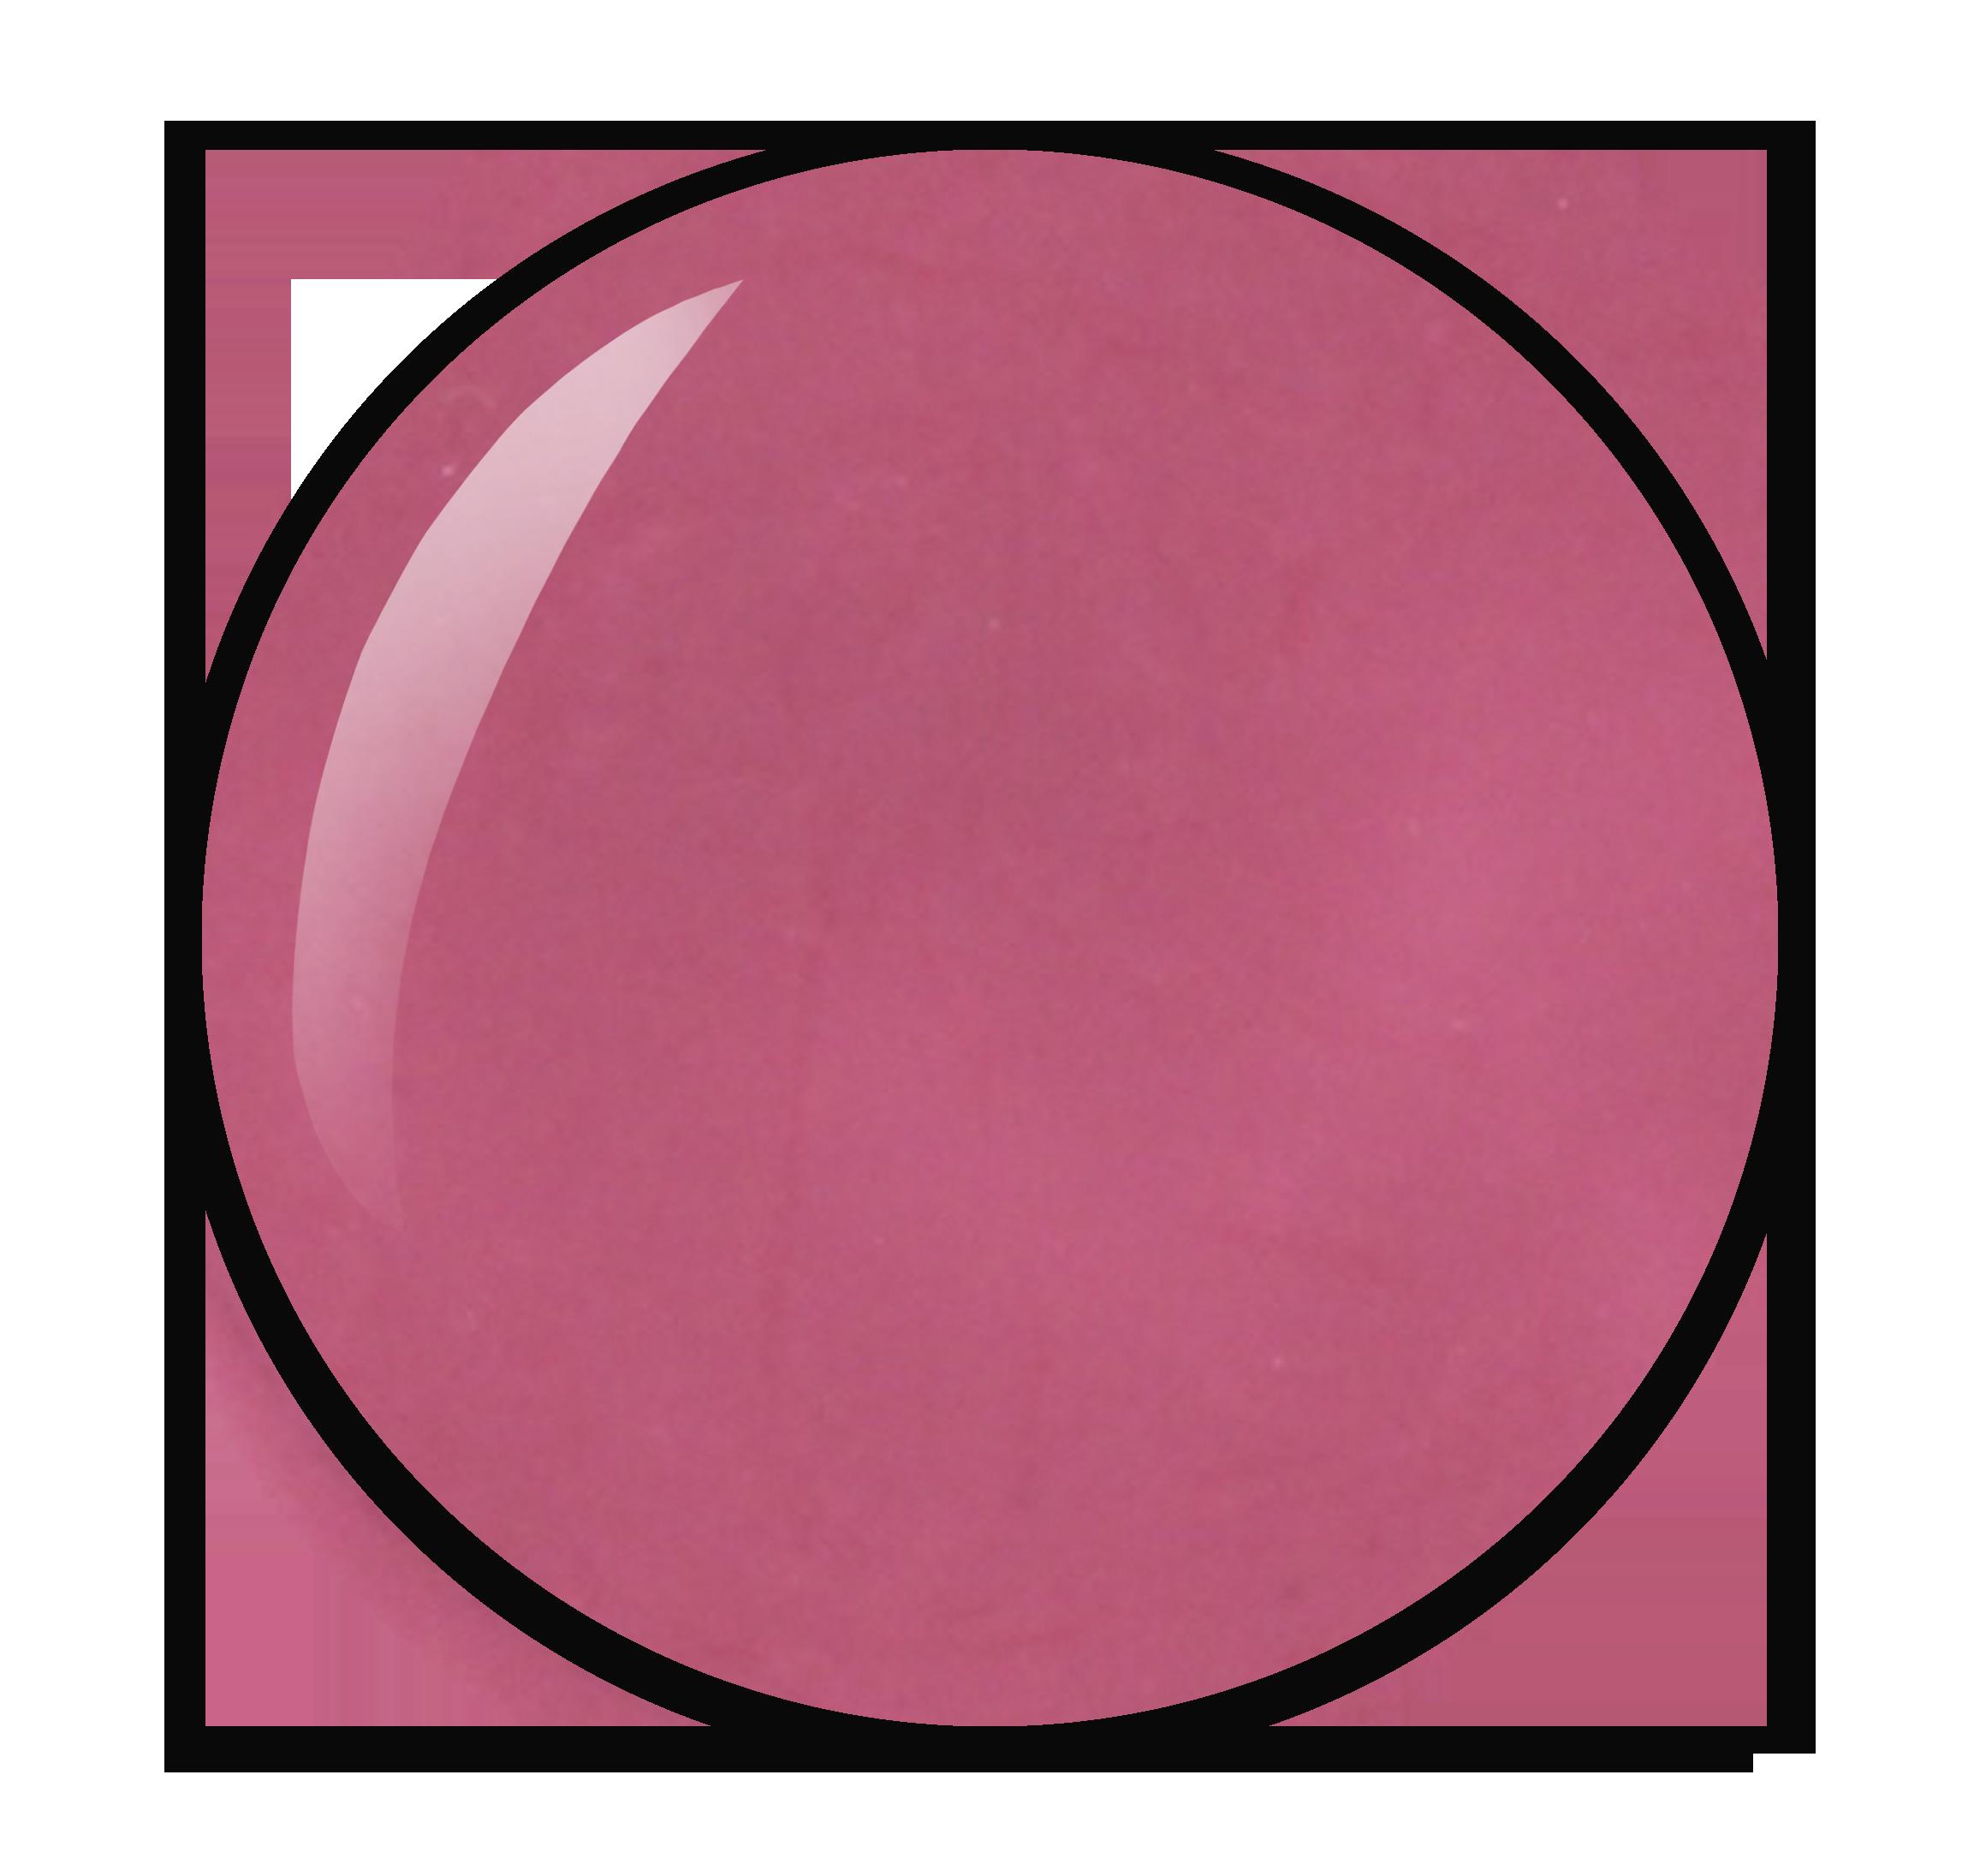 Roze nagellak nummer 99 uit Herôme nagellak collectie